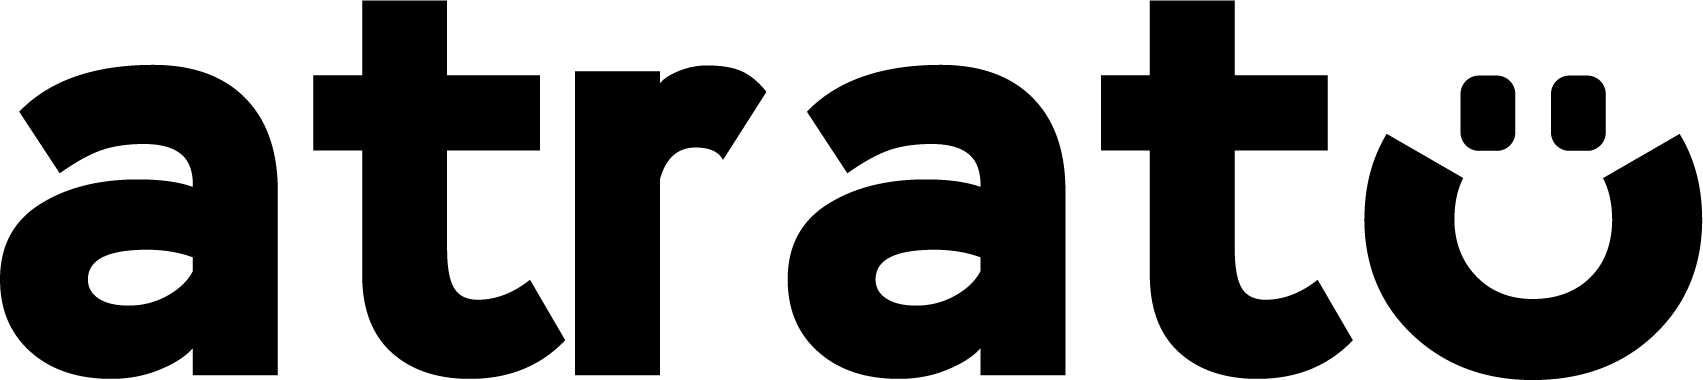 Client logo added to testimonial, atrato